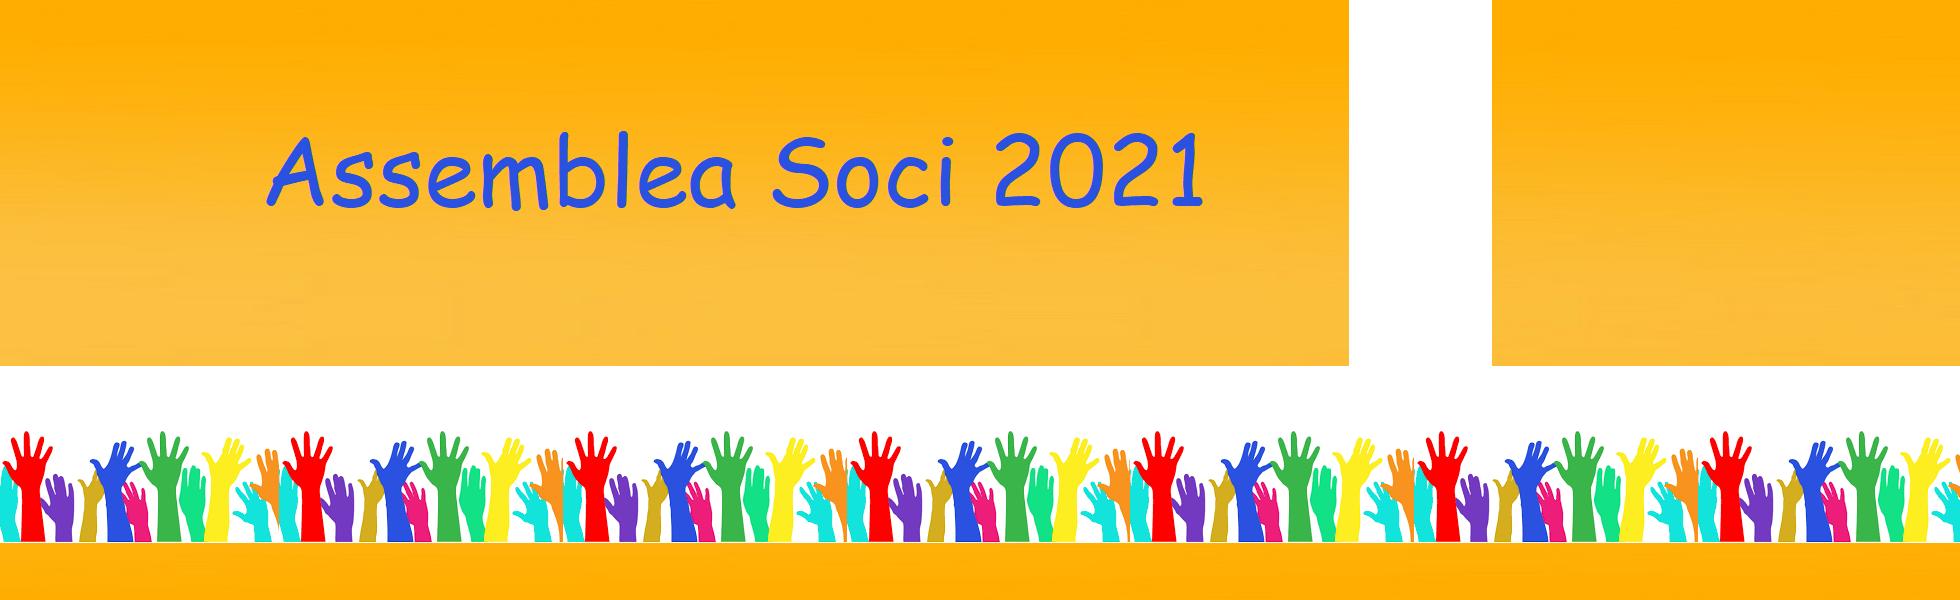 assemblea_2021